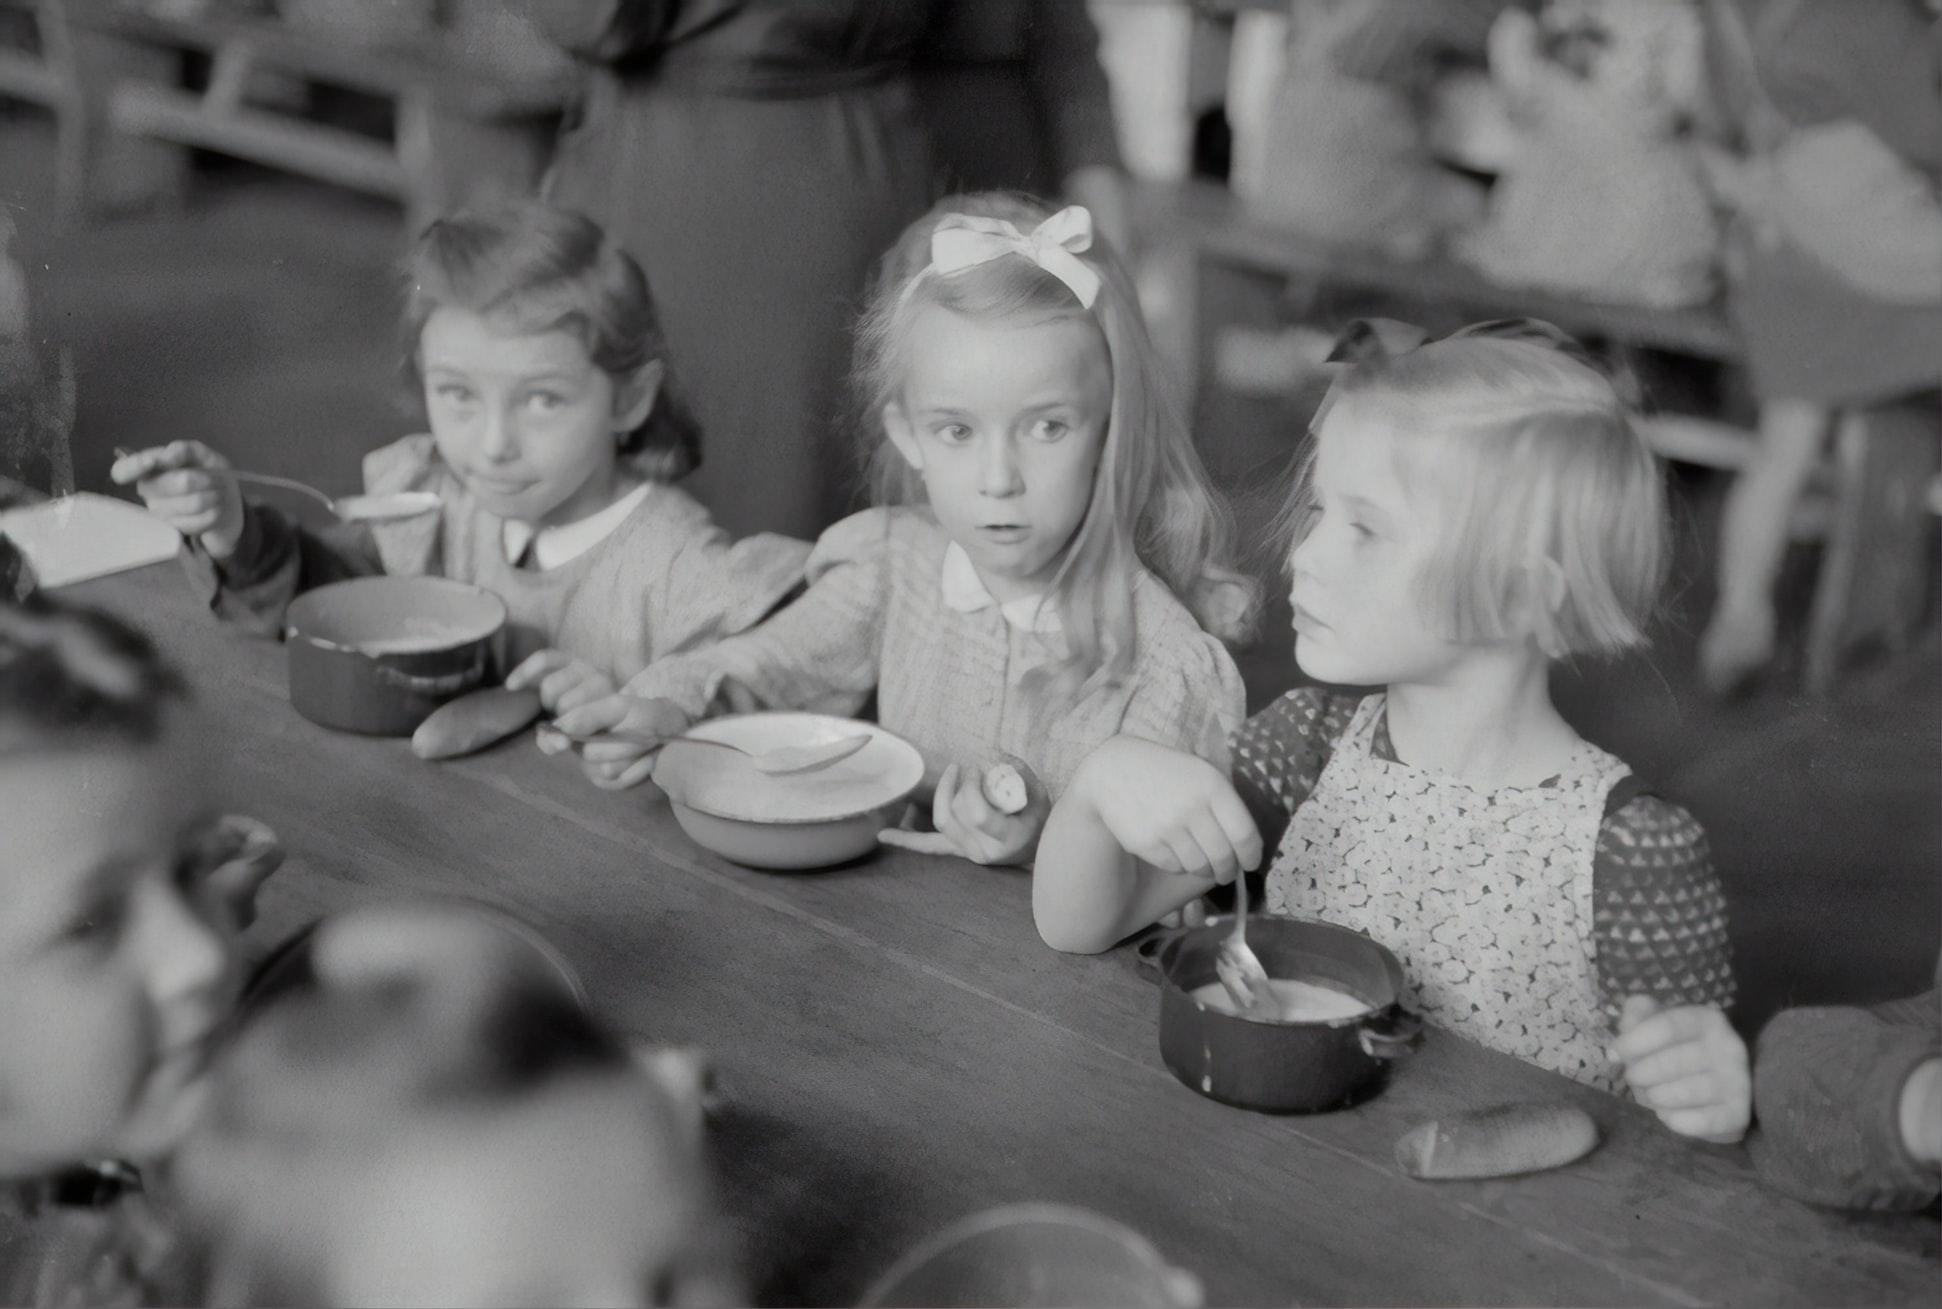 子供食堂のそもそもの目的とは?